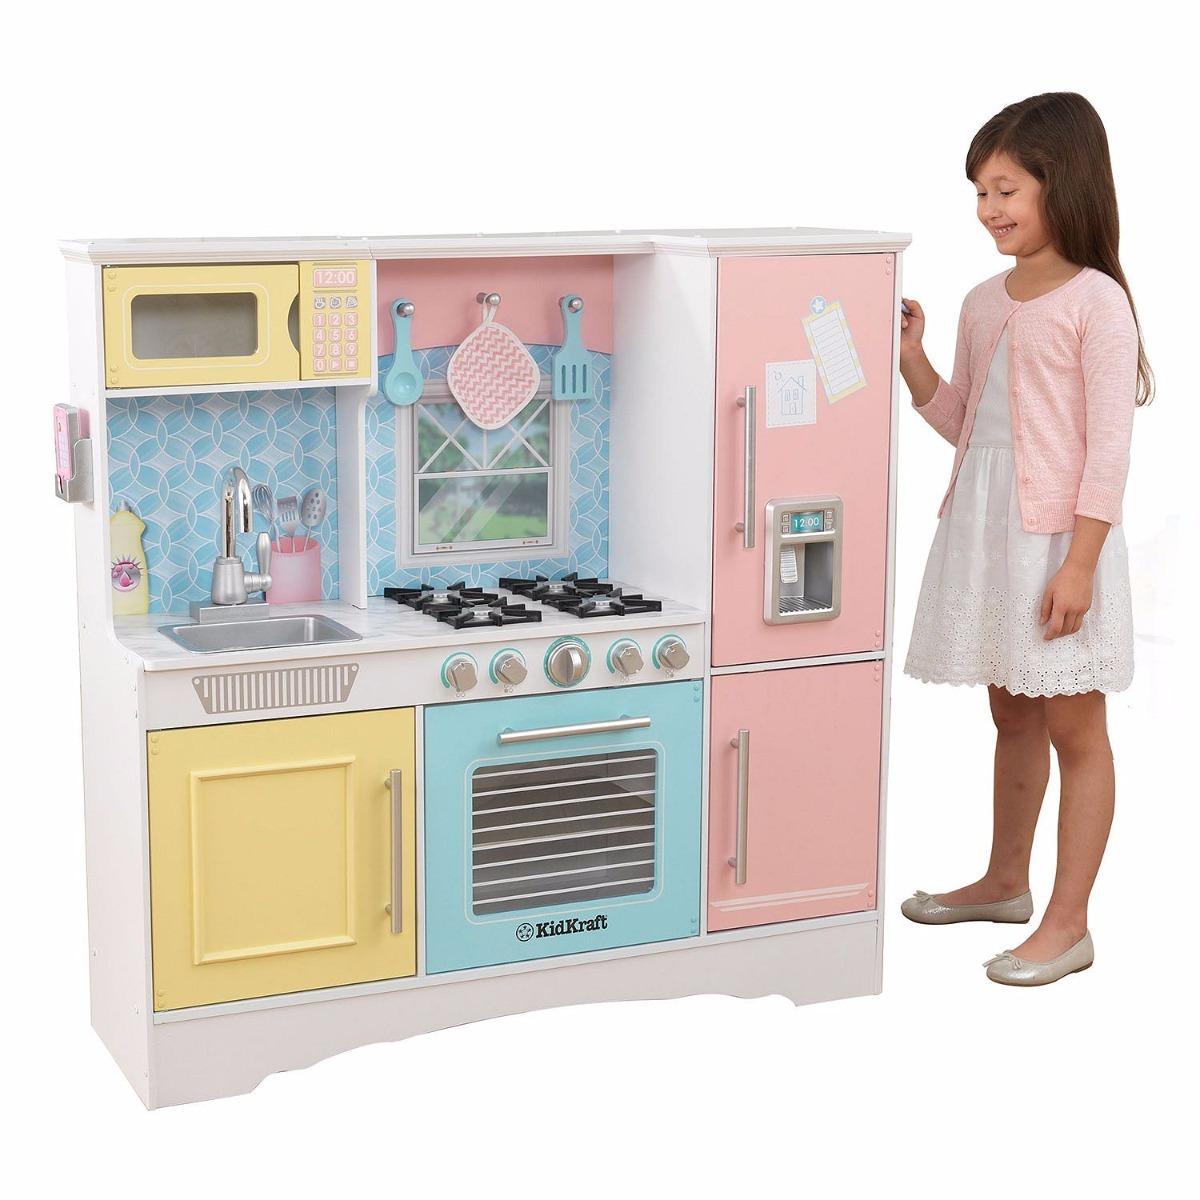 Cocina Clásica De Juego Para Niñas Con Accesorios Kidkraft. Cargando Zoom.